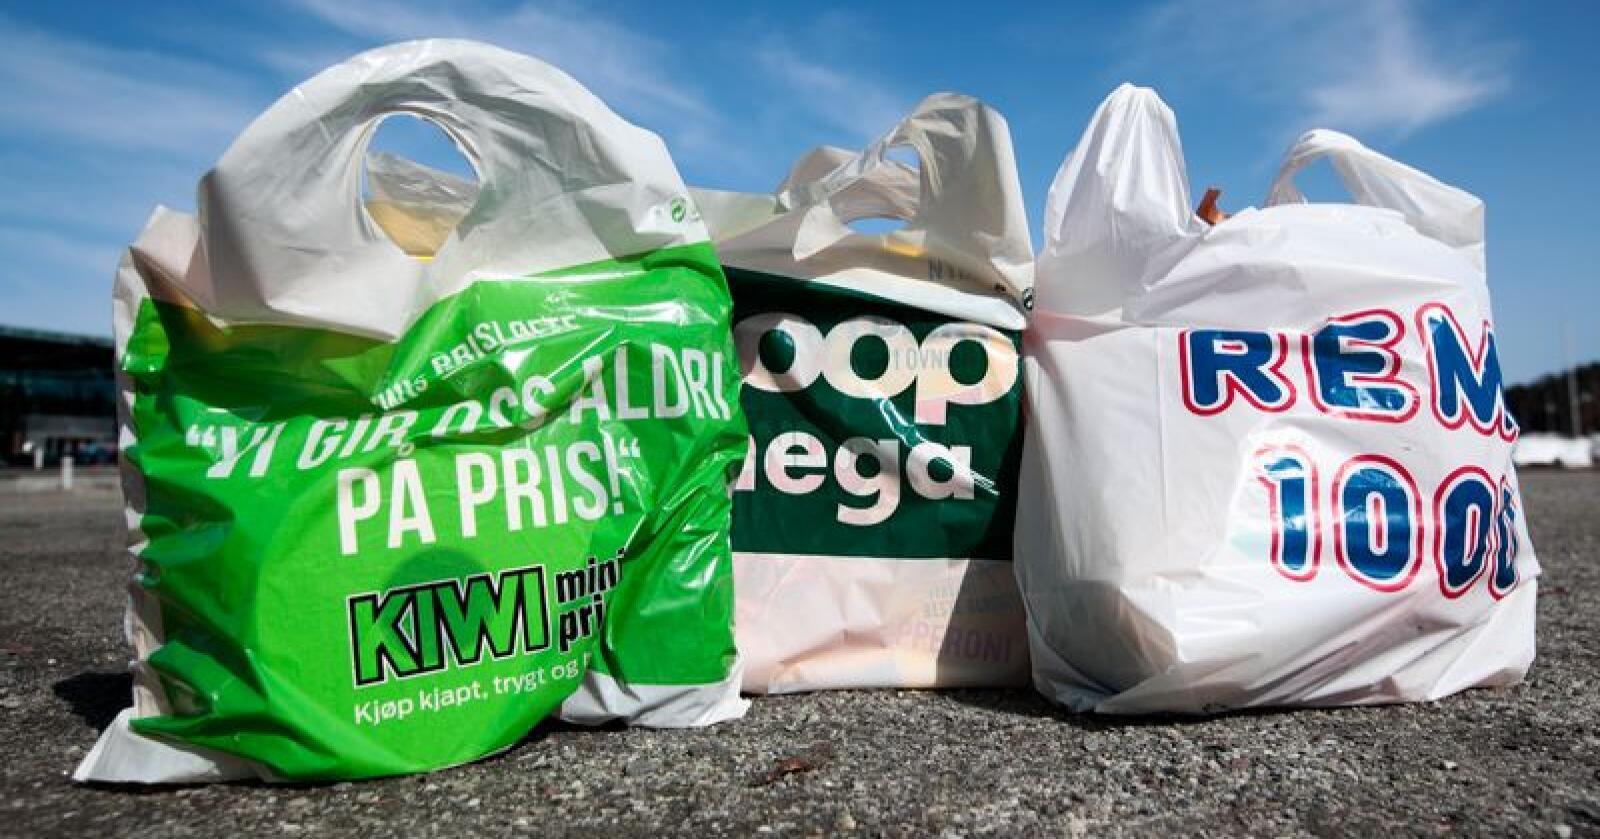 Forbrukerrådet mener det er for mange små butikker og vil gjøre det lettere for lokale planmyndigheter å regulere etableringen av disse. Illustrasjonsfoto: Lise Åserud / NTB scanpix